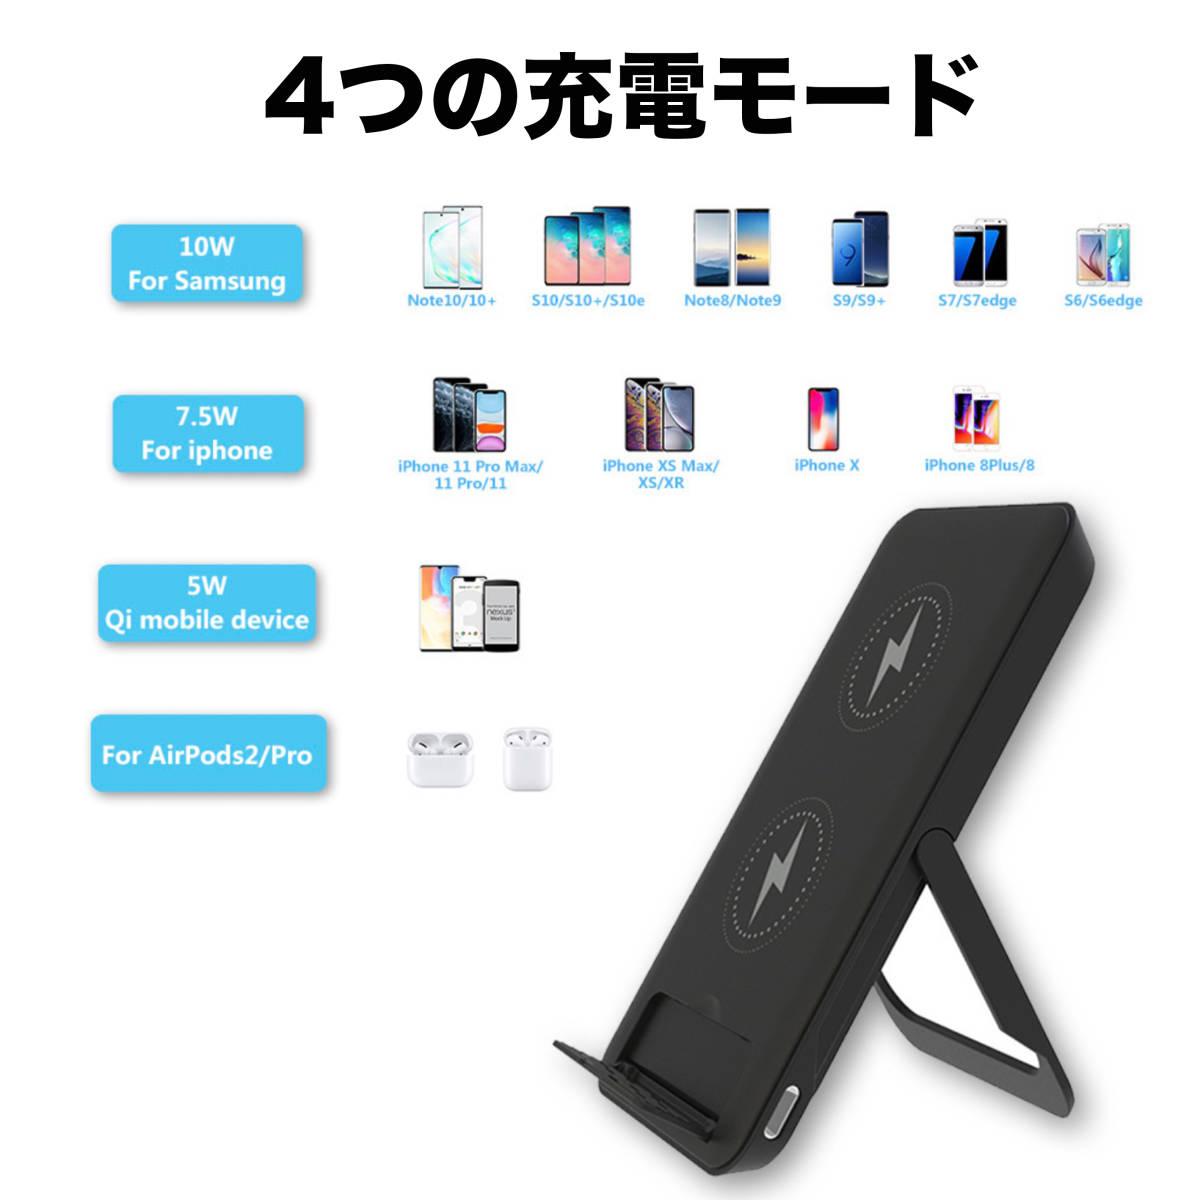 2台セット ワイヤレス充電器 卓上【急速10Wグレードアップ】 折畳み スタンド&おくだけパッド USB出力2口 3台同時充電 [黒&白] _画像3